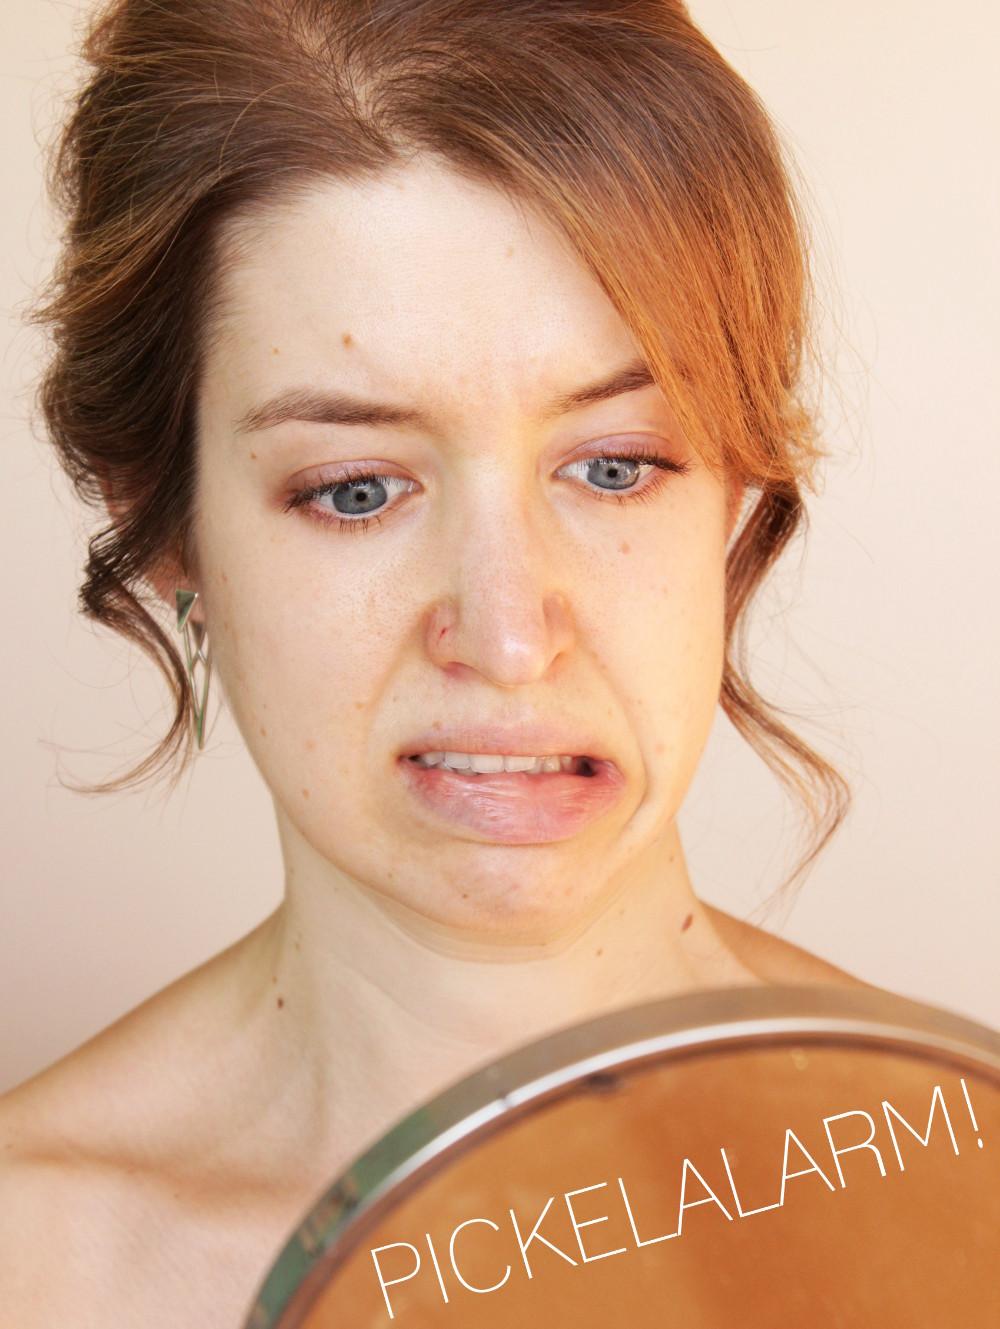 Pickelalarm - Tipps gegen Hautunreinheiten